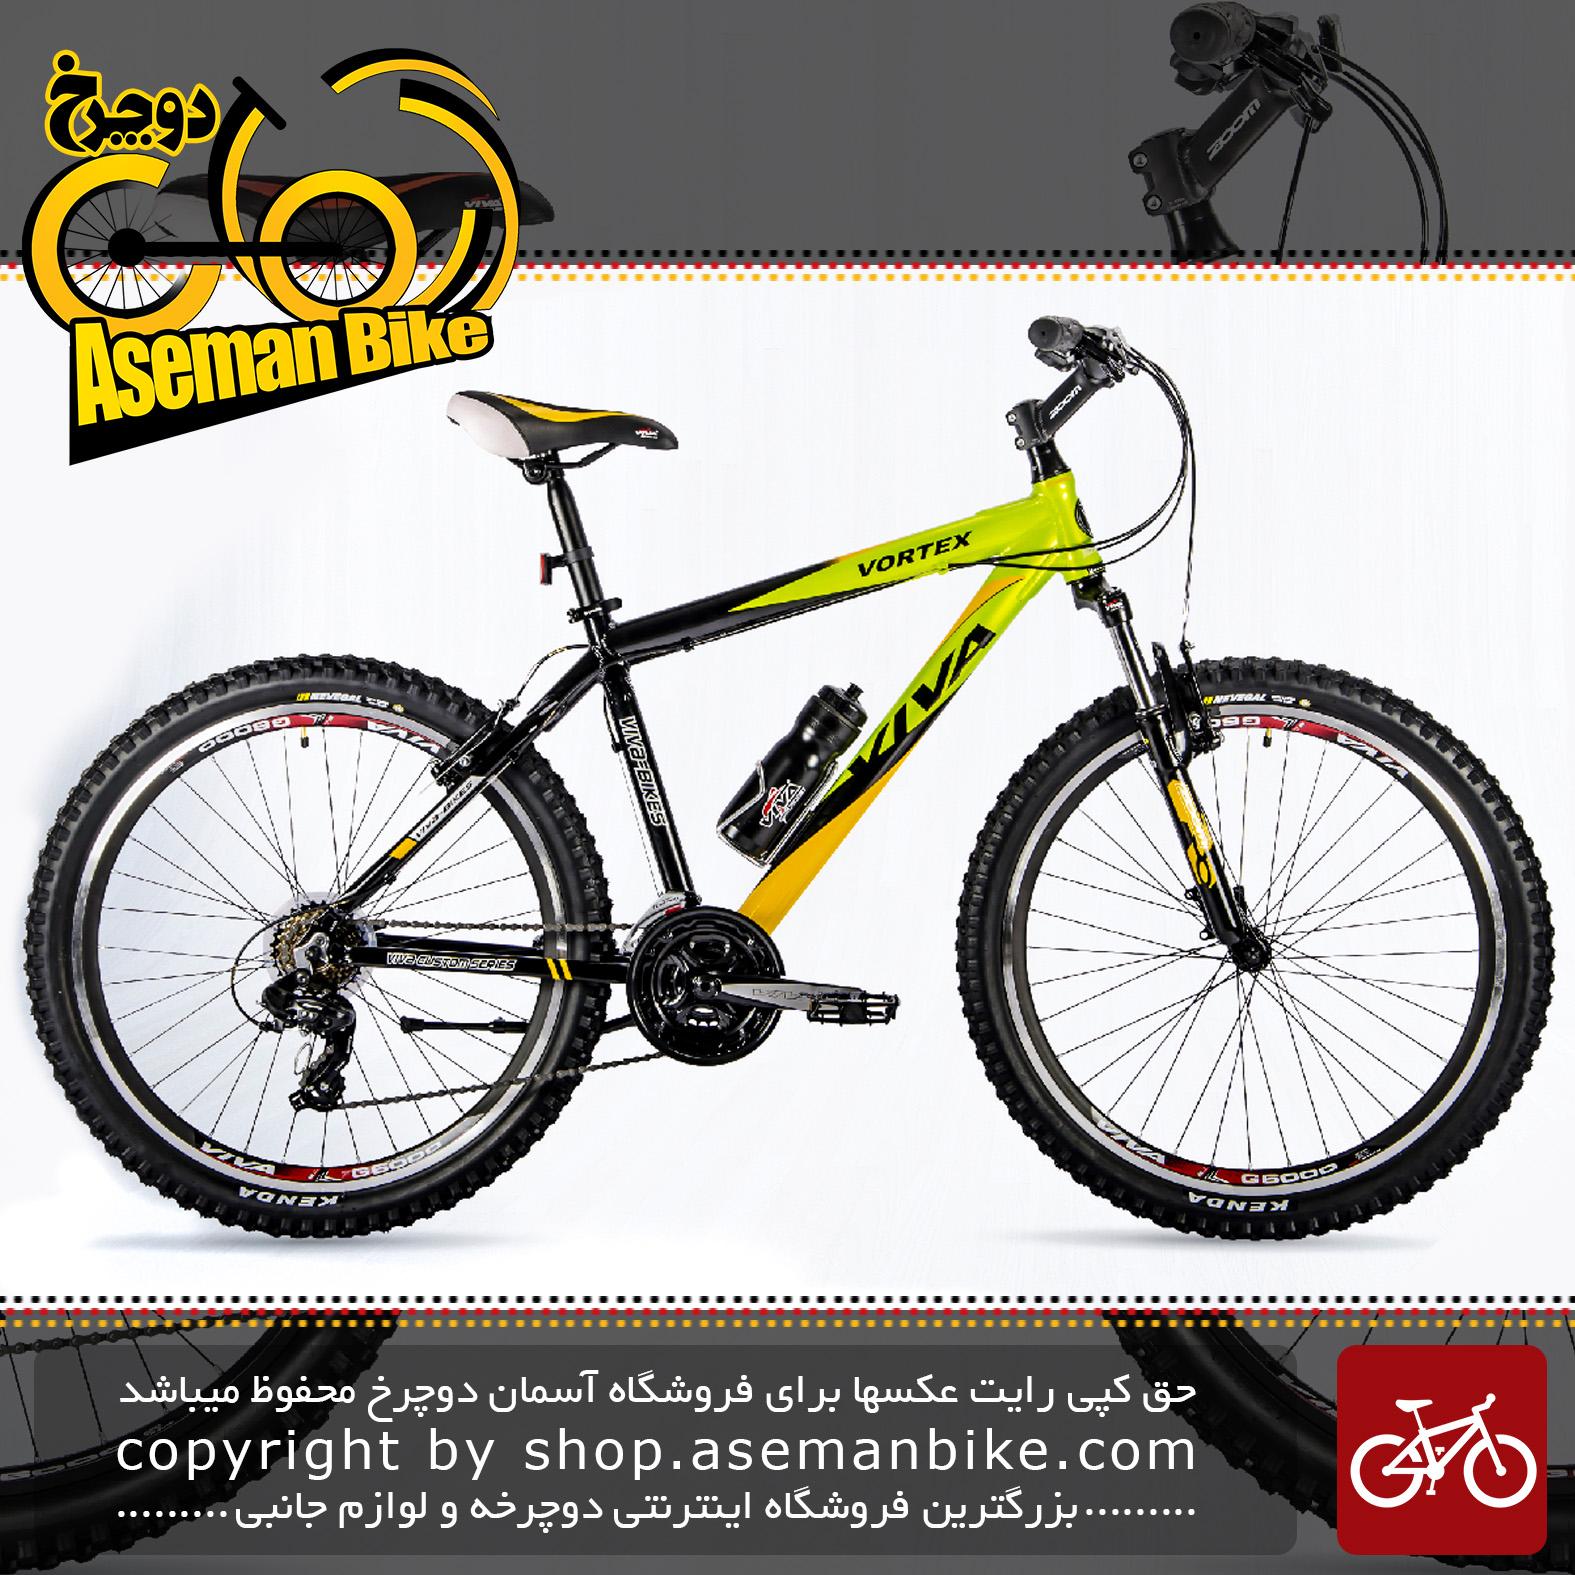 نمایندگی دوچرخه کوهستان ویوا مدل ورتکس سایز Viva Mountain Bicycle Vortex II 18 26 2018 26